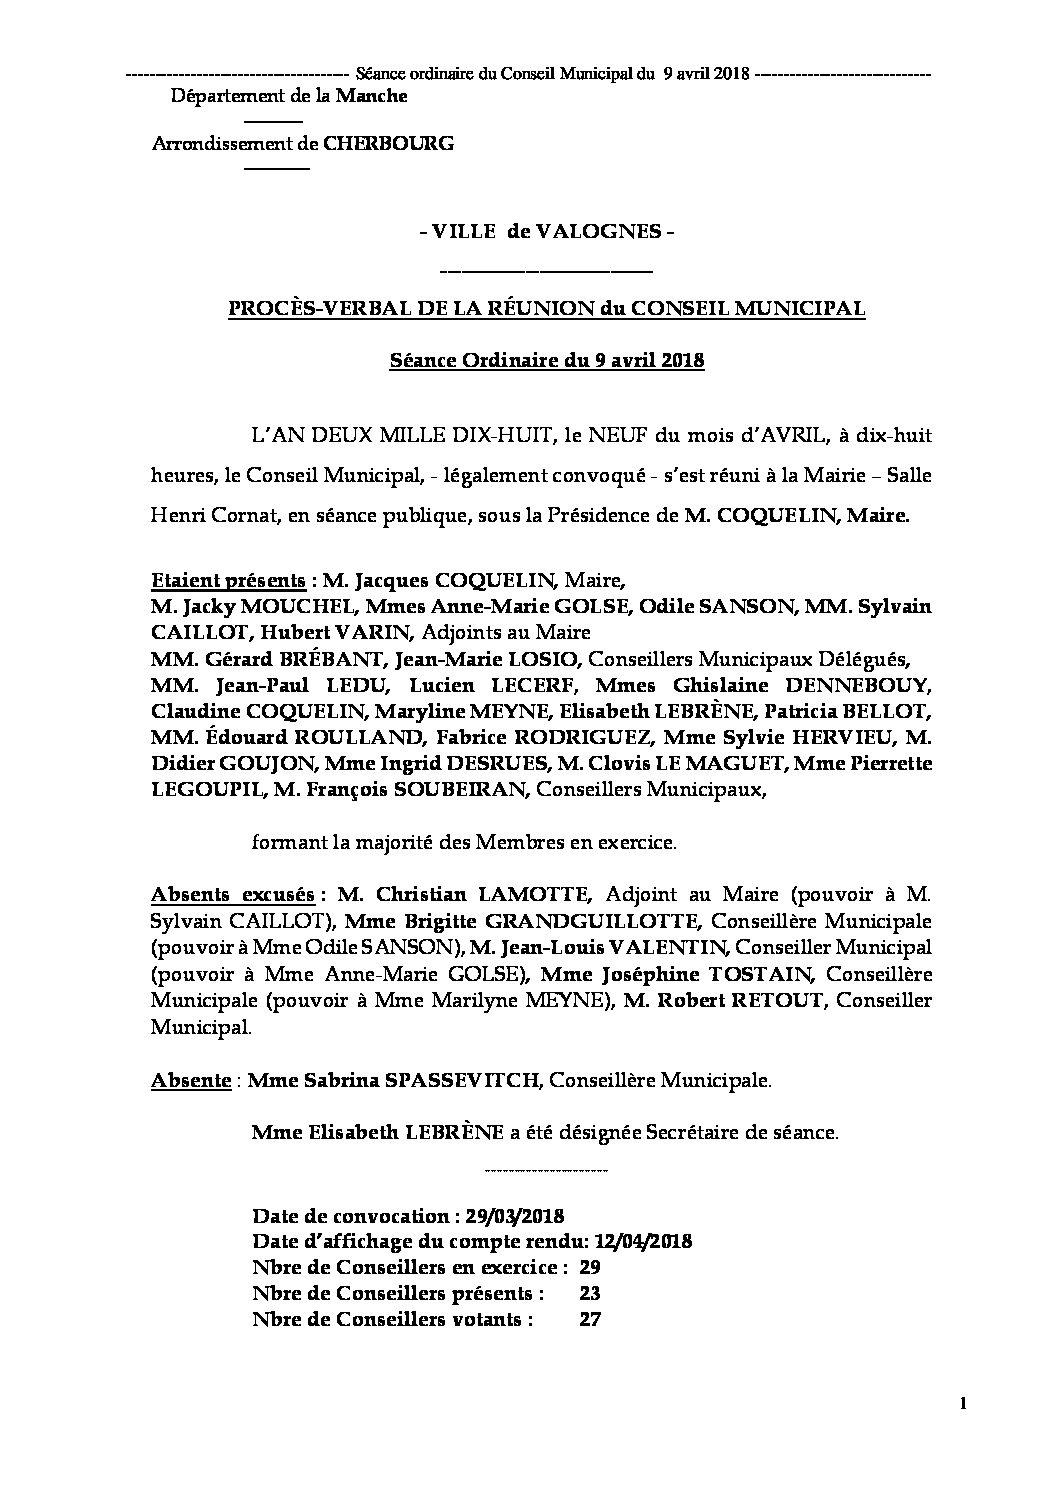 Procès-verbal de réunion - Procès-verbal de la réunion du 9 avril 2018, approuvé lors de la séance du 11 juin.